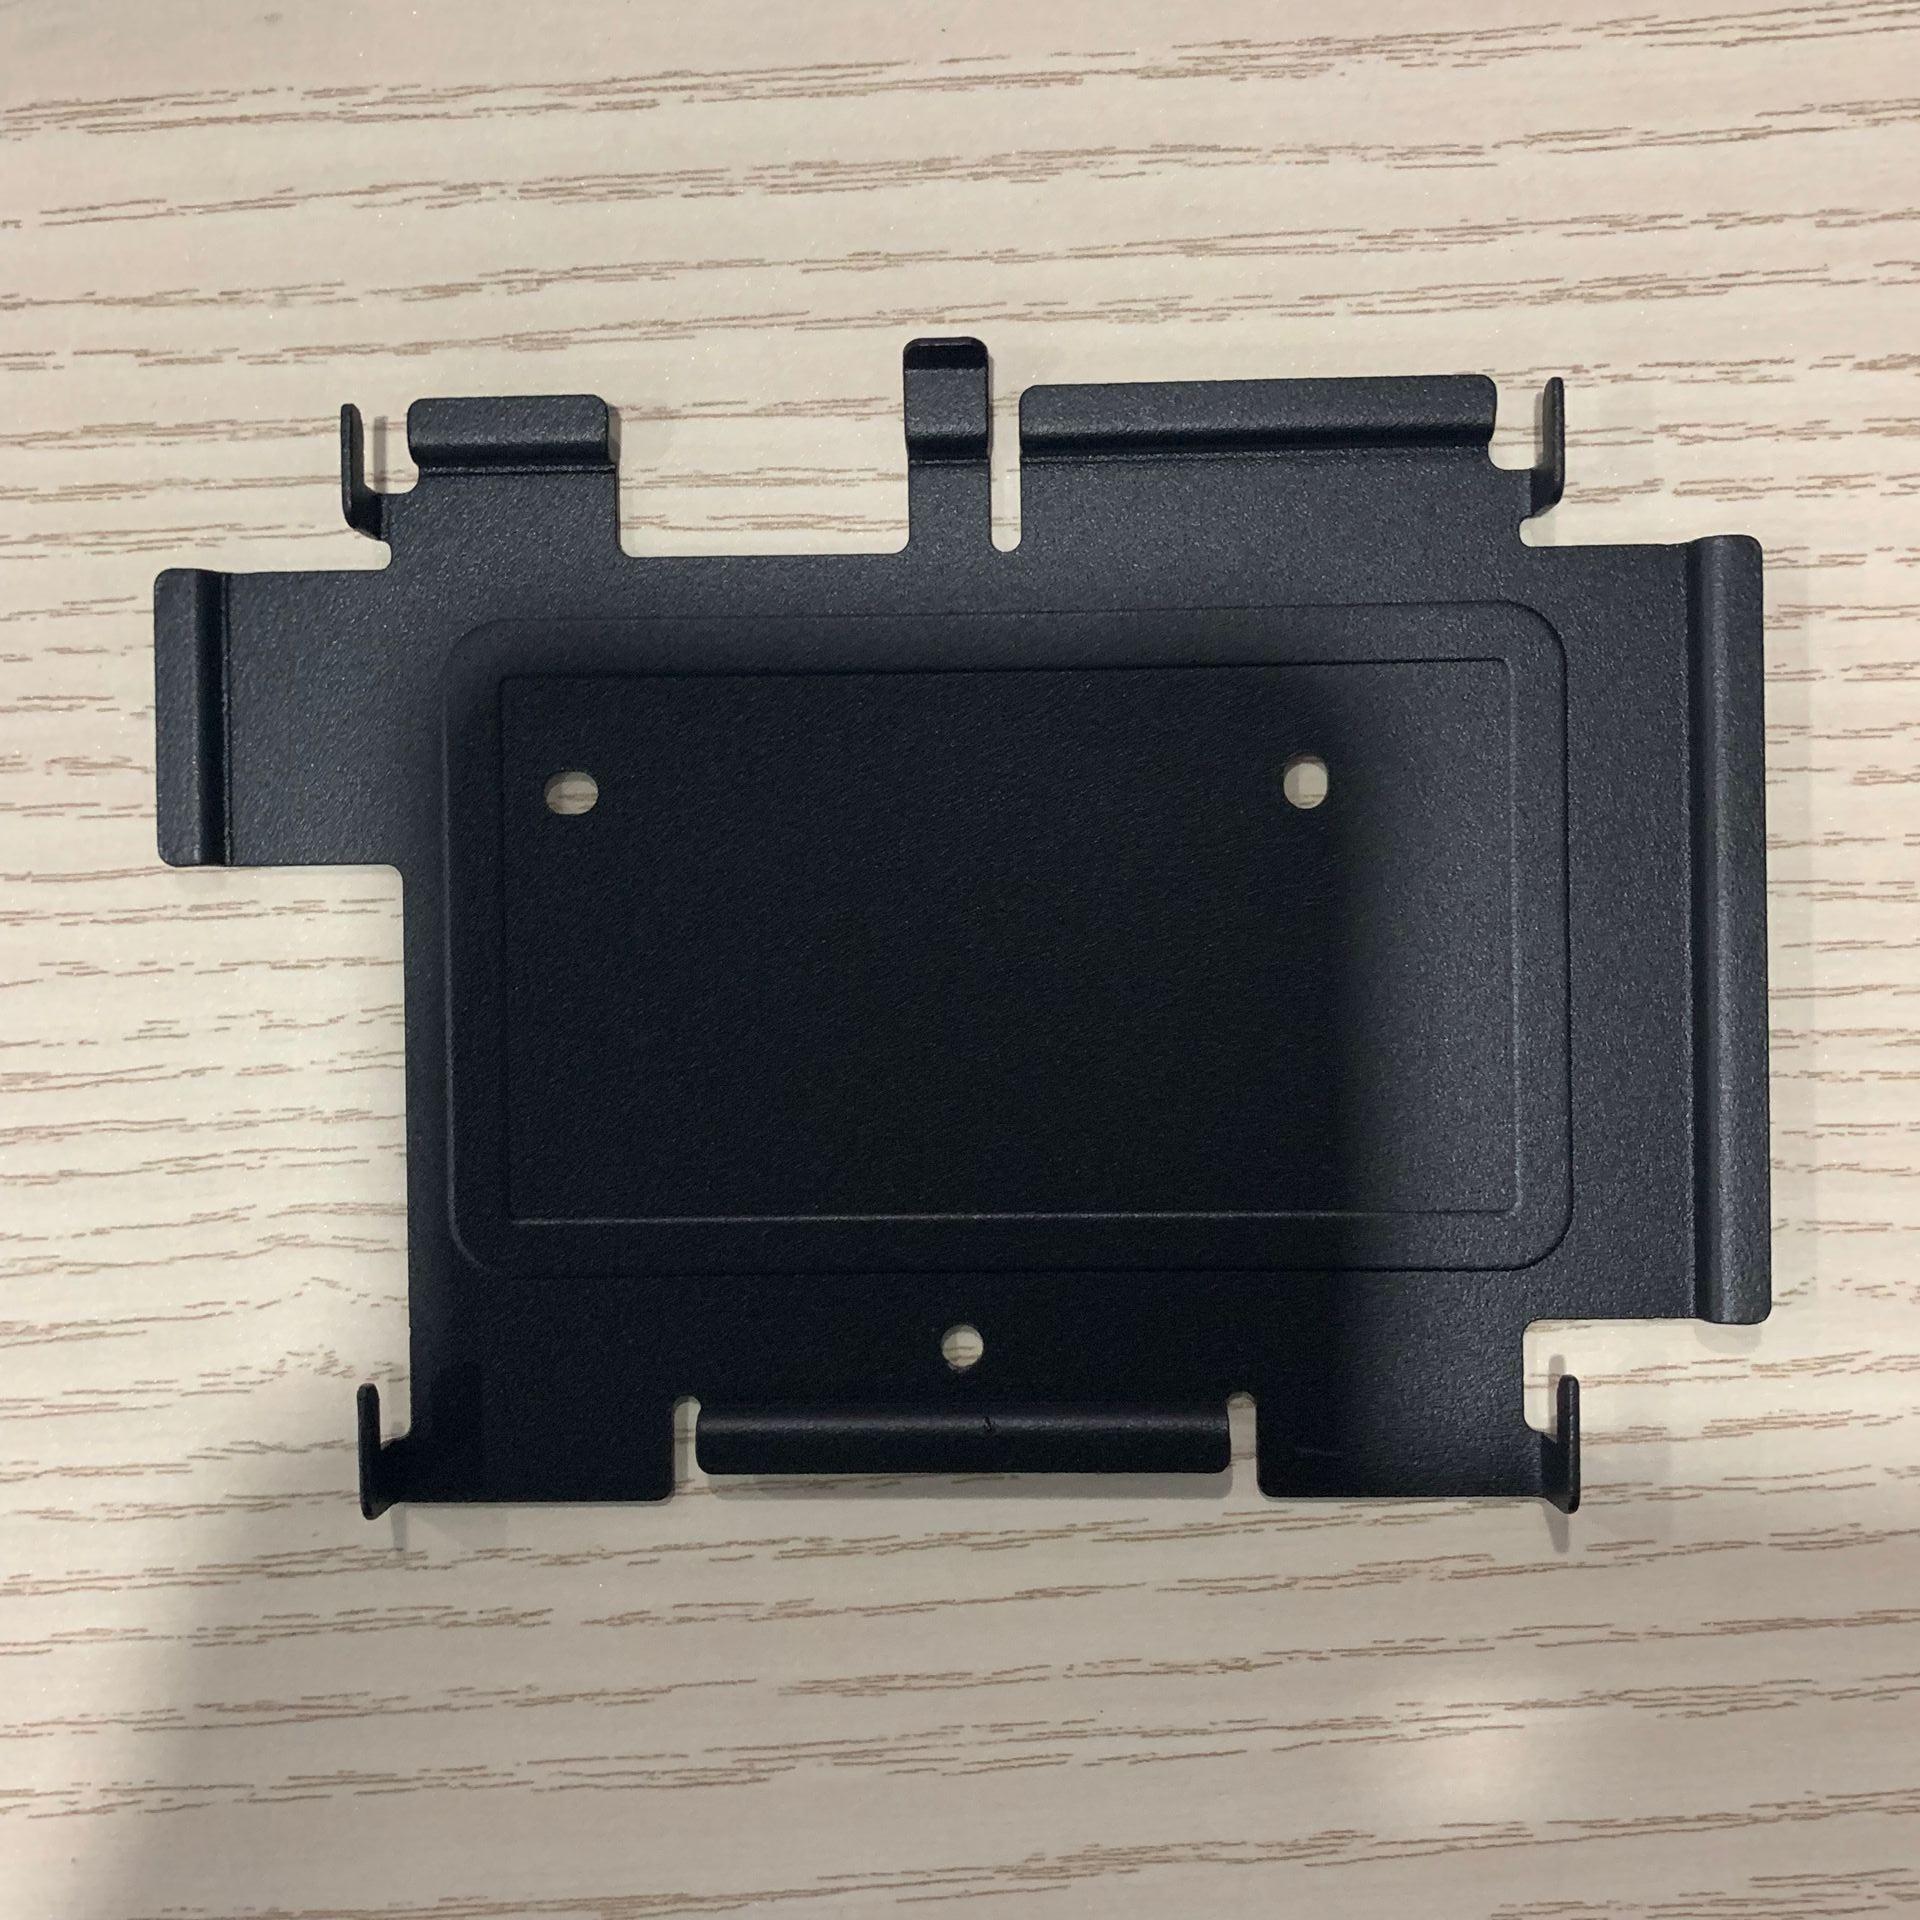 VTHB106 Mounting Brackets For VTH1550CHW-2